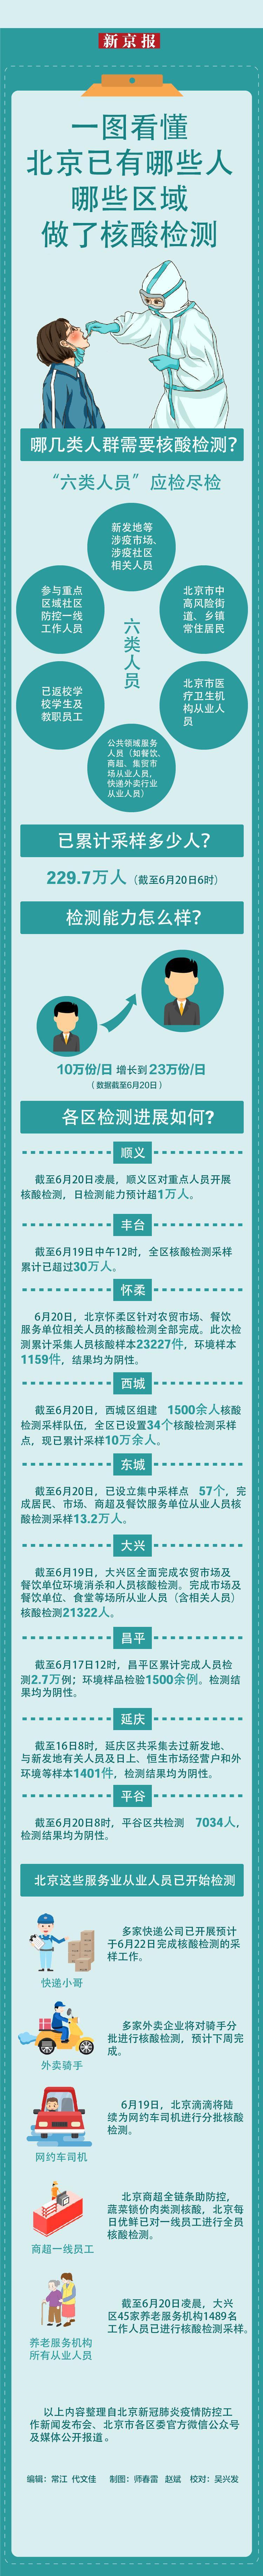 一图看懂│北京哪些人哪些区域做了核酸检测?图片